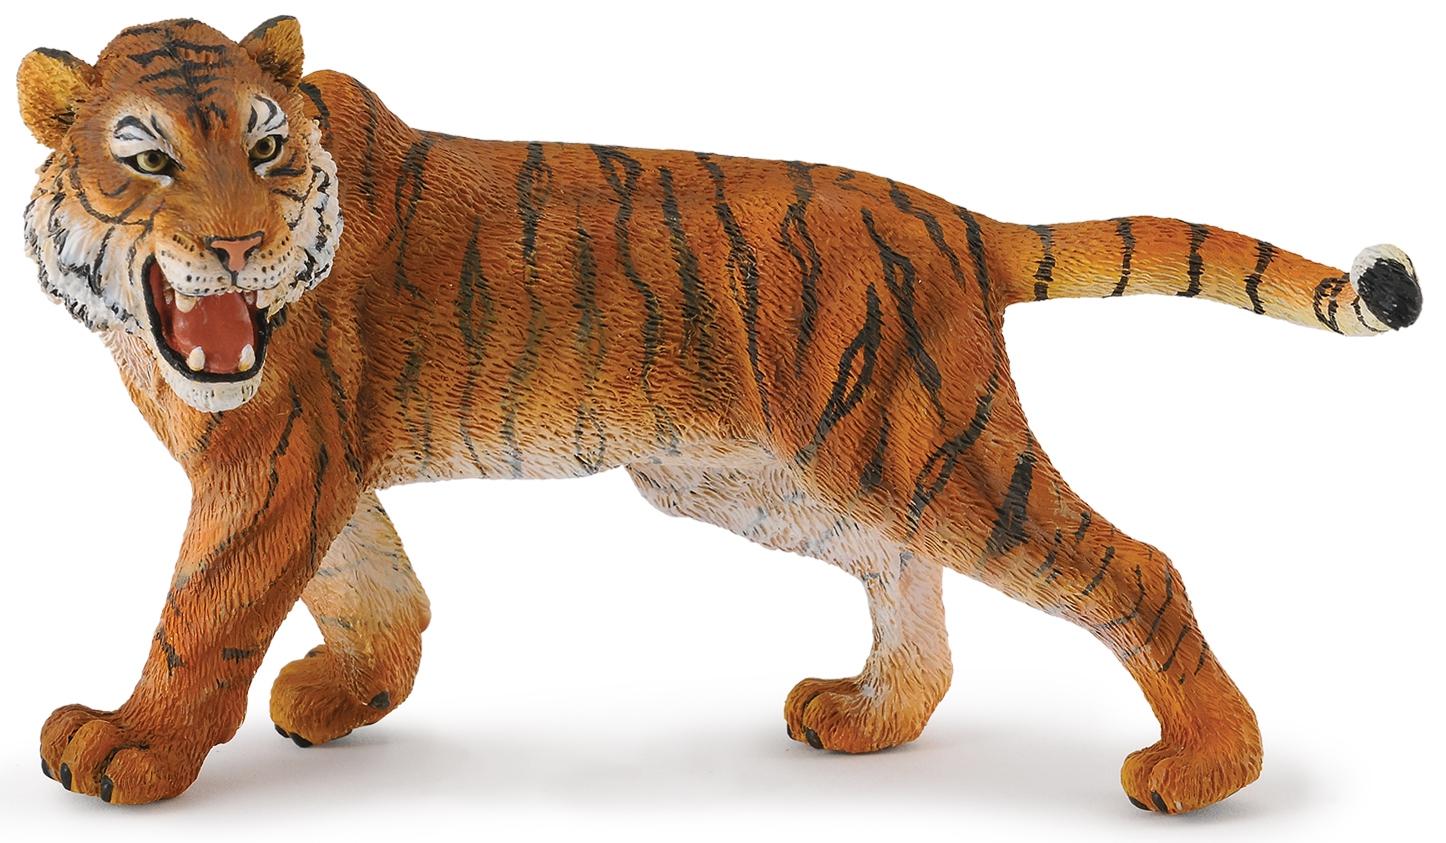 Купить Фигурки, Сибирский тигр 12 см, 1шт., Collecta 88410b, Китай, рыжий